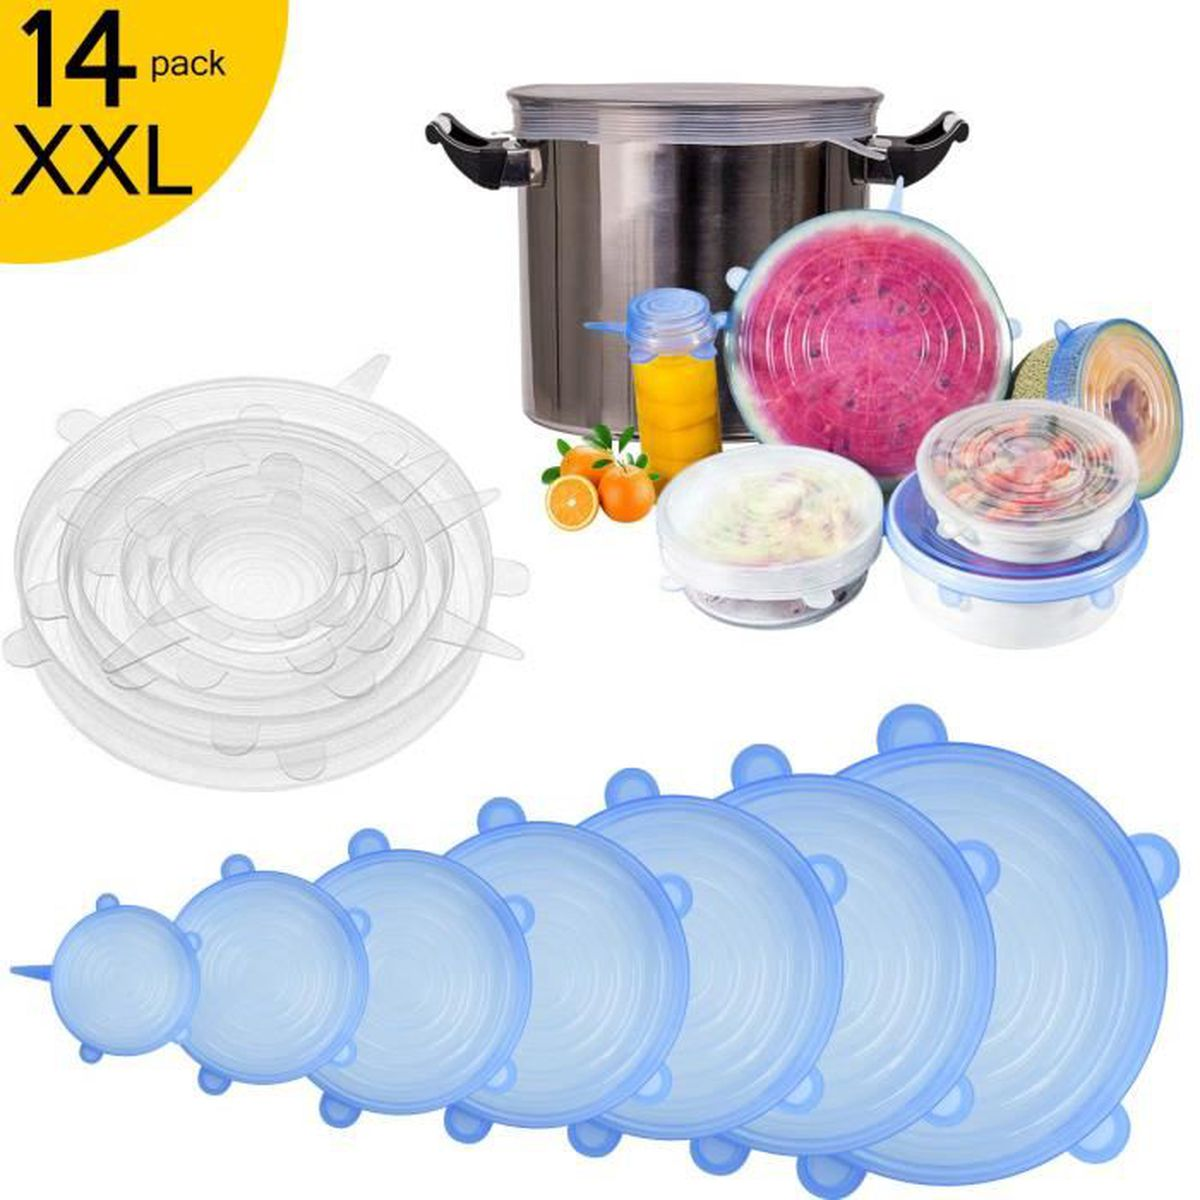 12 cm Silicone Réutilisable aspiration joint couvercle Food Saver Couvre Pan Bowl Cuisine Chaleur